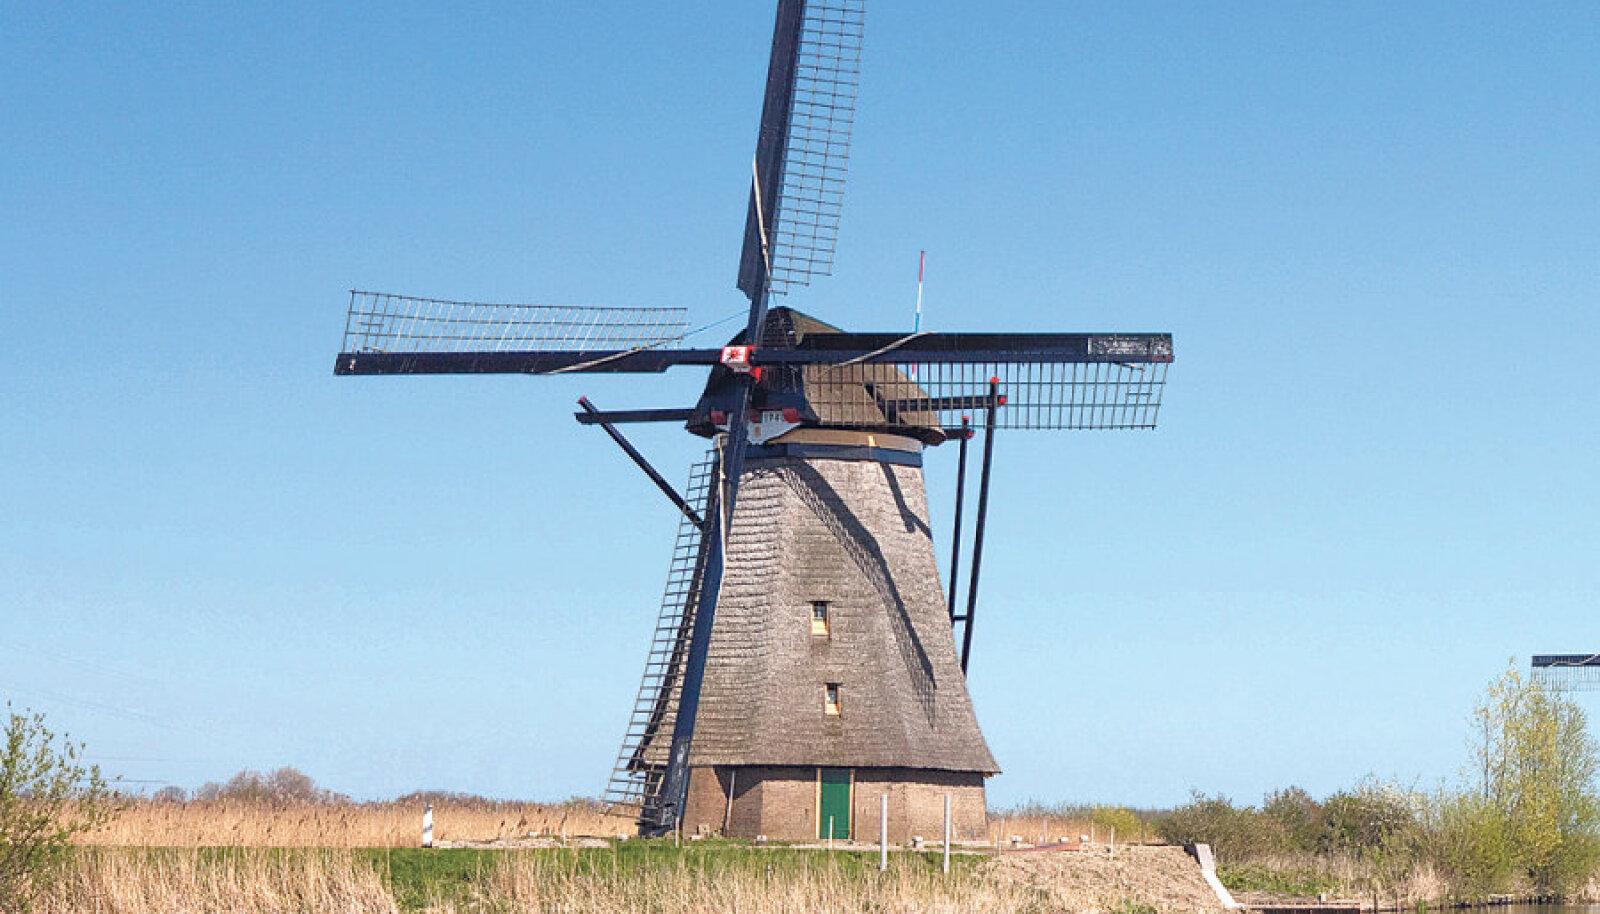 Hollandis Kinderdijki külas  on säilinud 19 tuulikut,  mis ehitati 1740ndate paiku,  et poldrit kuivendada.  Tuulikud kuuluvad UNESCO  maailmapärandi nimistusse.